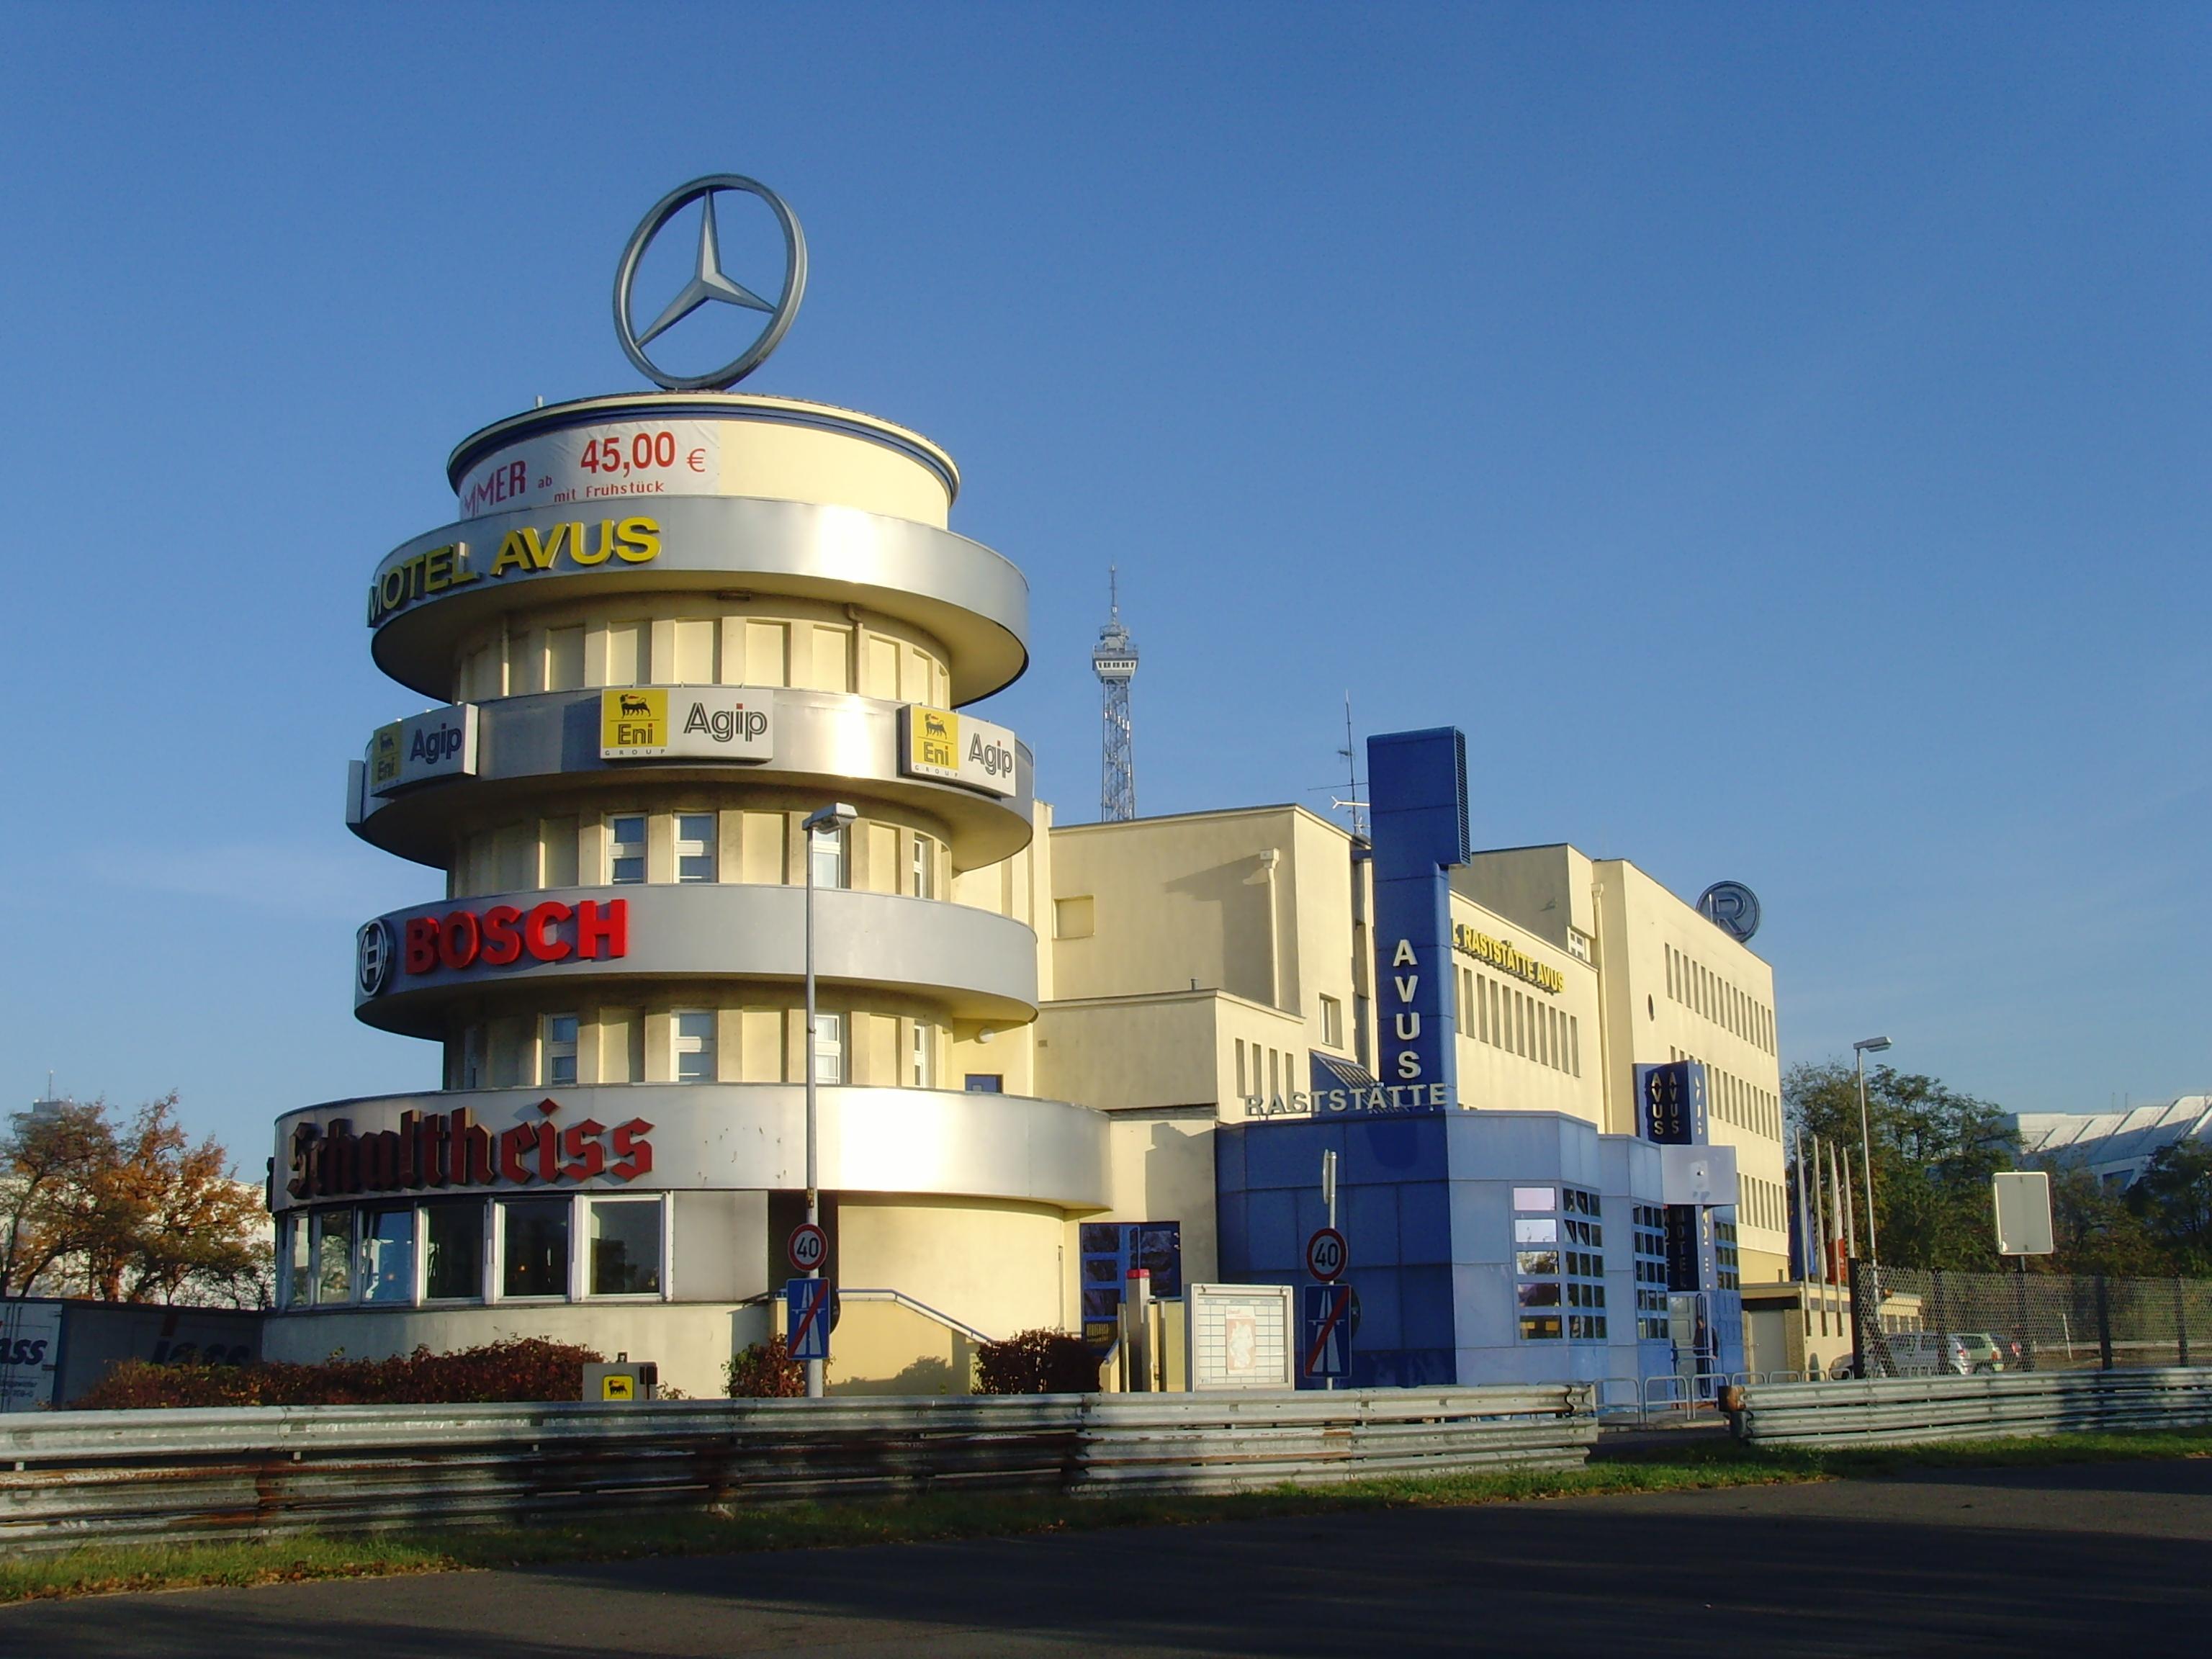 Hotel Avus Berlin